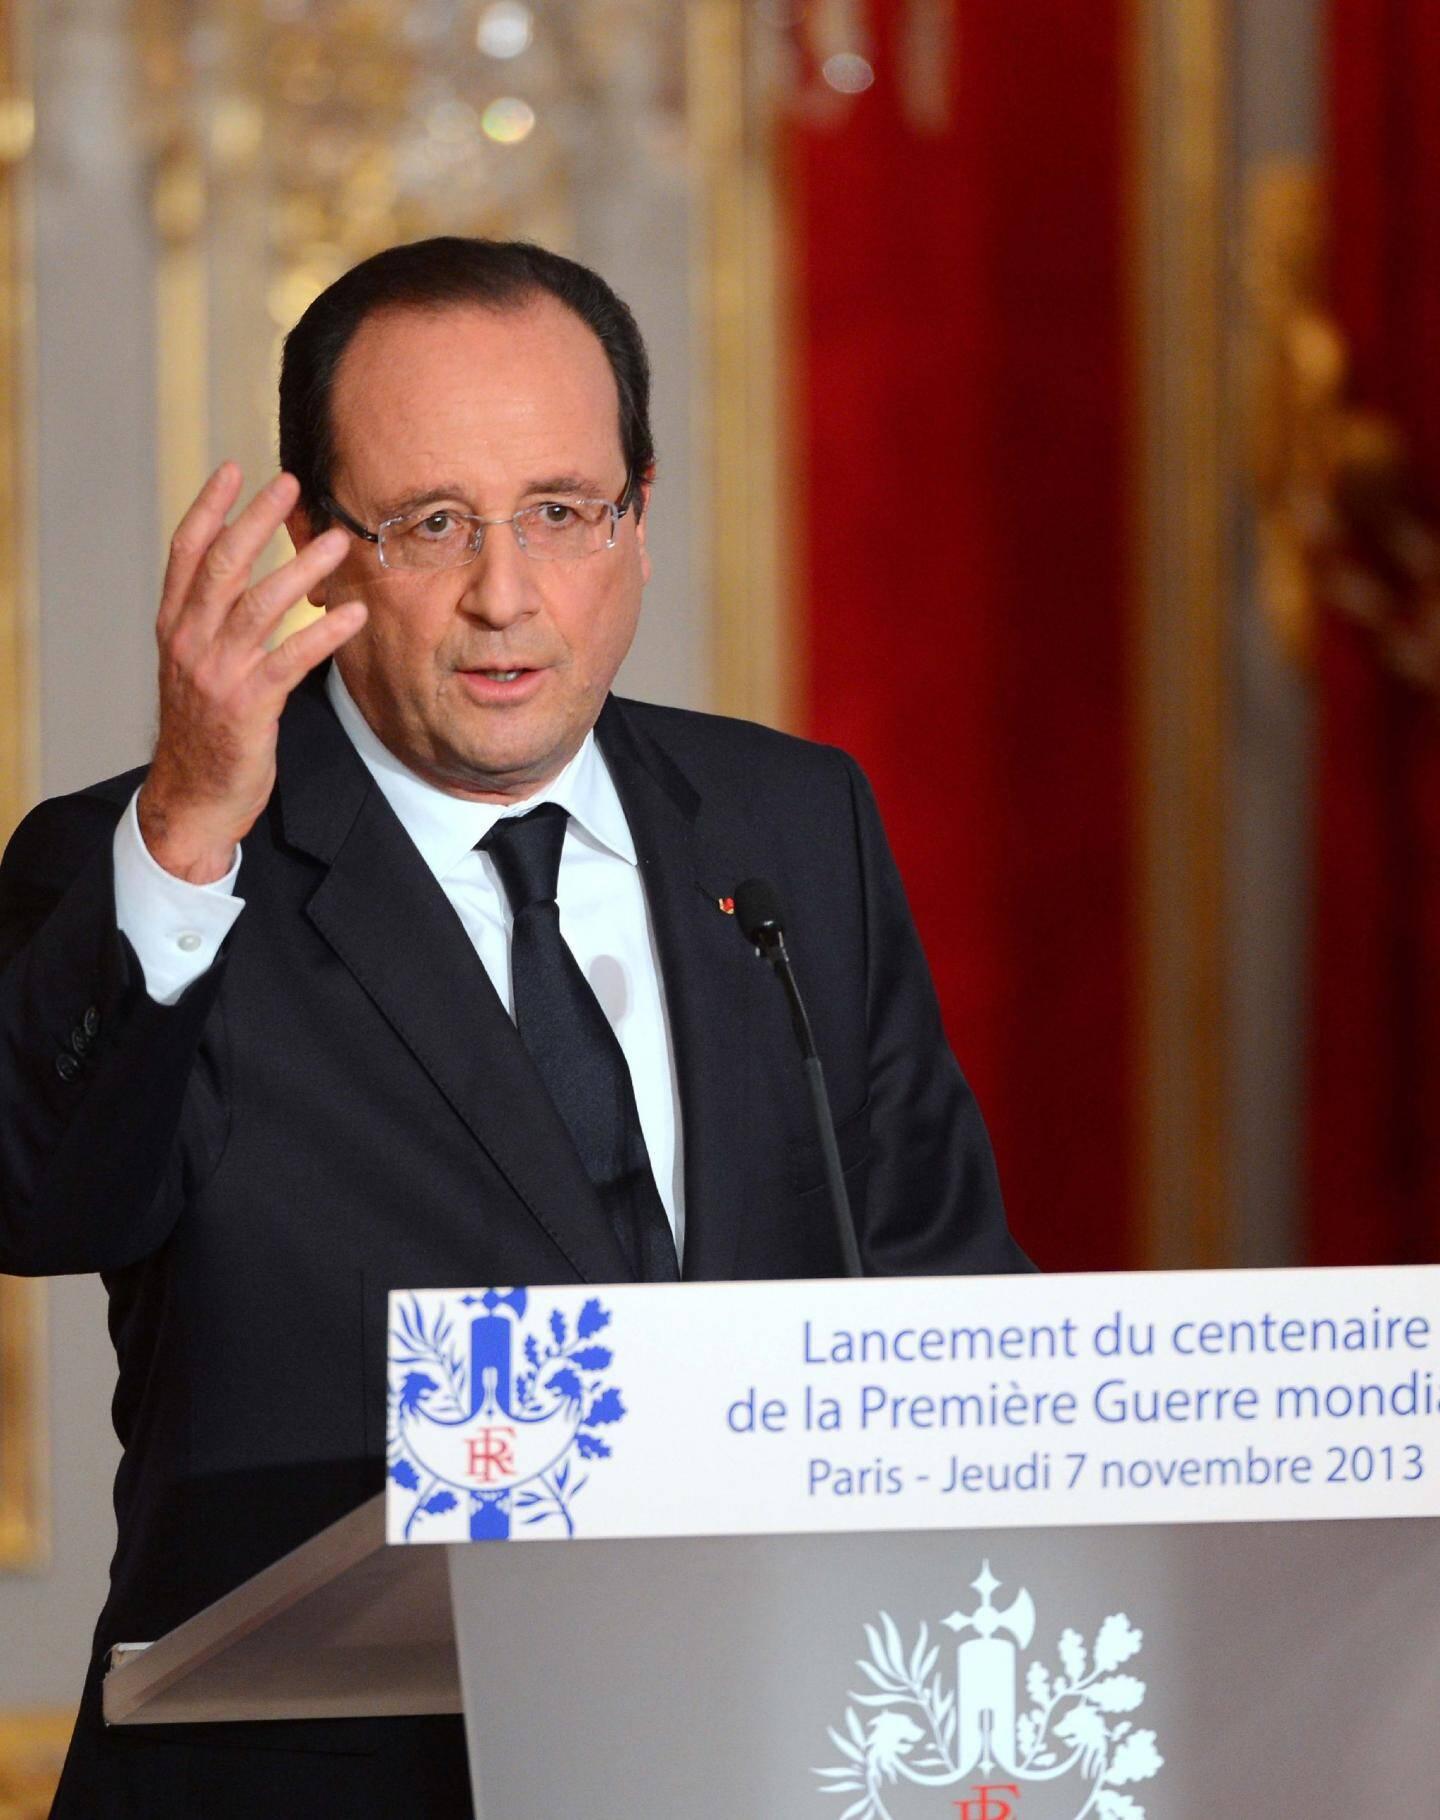 La visite du président de la République en Principauté devrait être confirmée aujourd'hui.